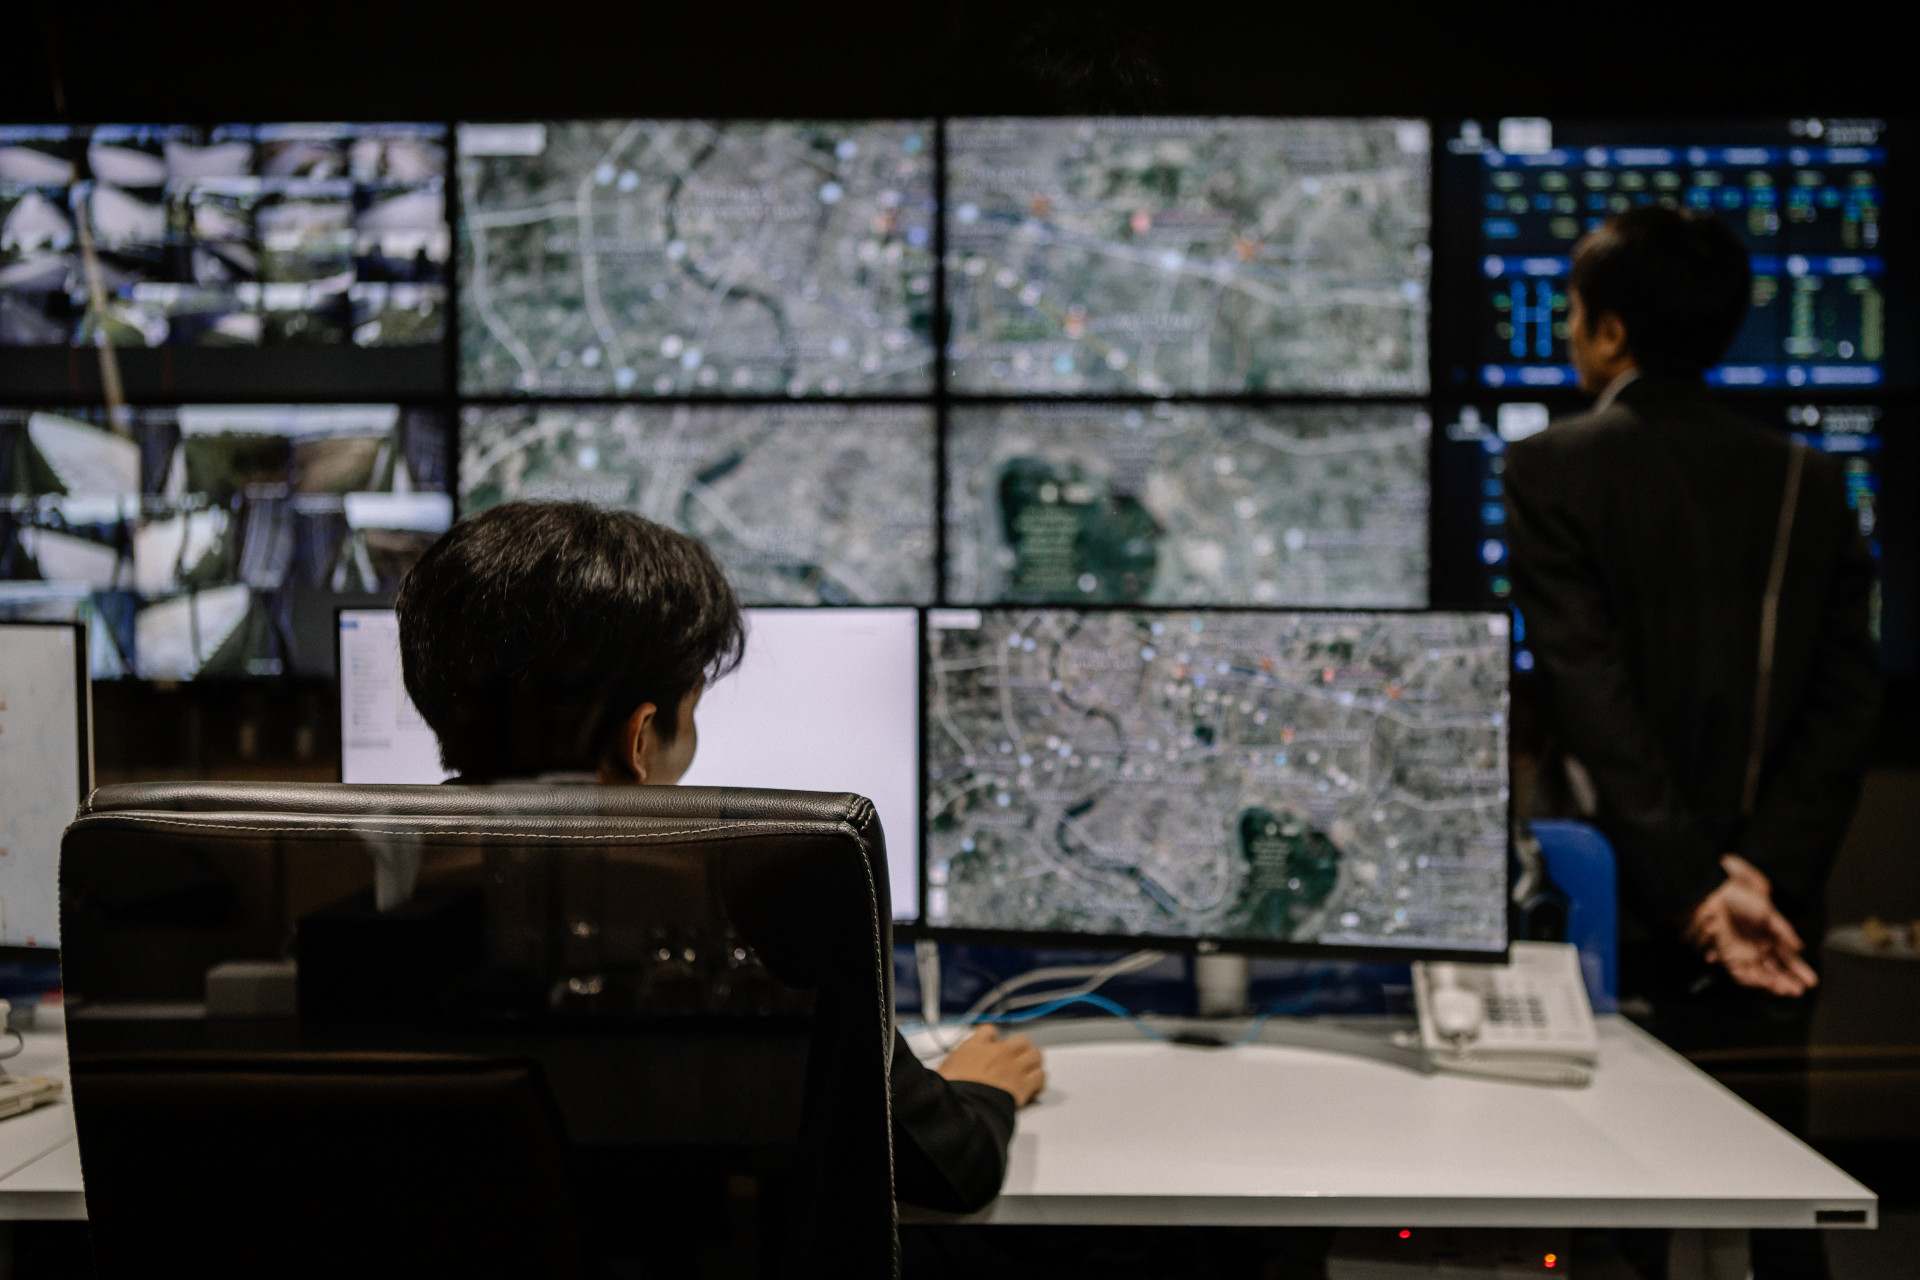 LIV-24 บริการดูแลความปลอดภัยจากศูนย์ควบคุมแบบเรียลไทม์ 24 ชั่วโมง จากแสนสิริ smart command centre (10)